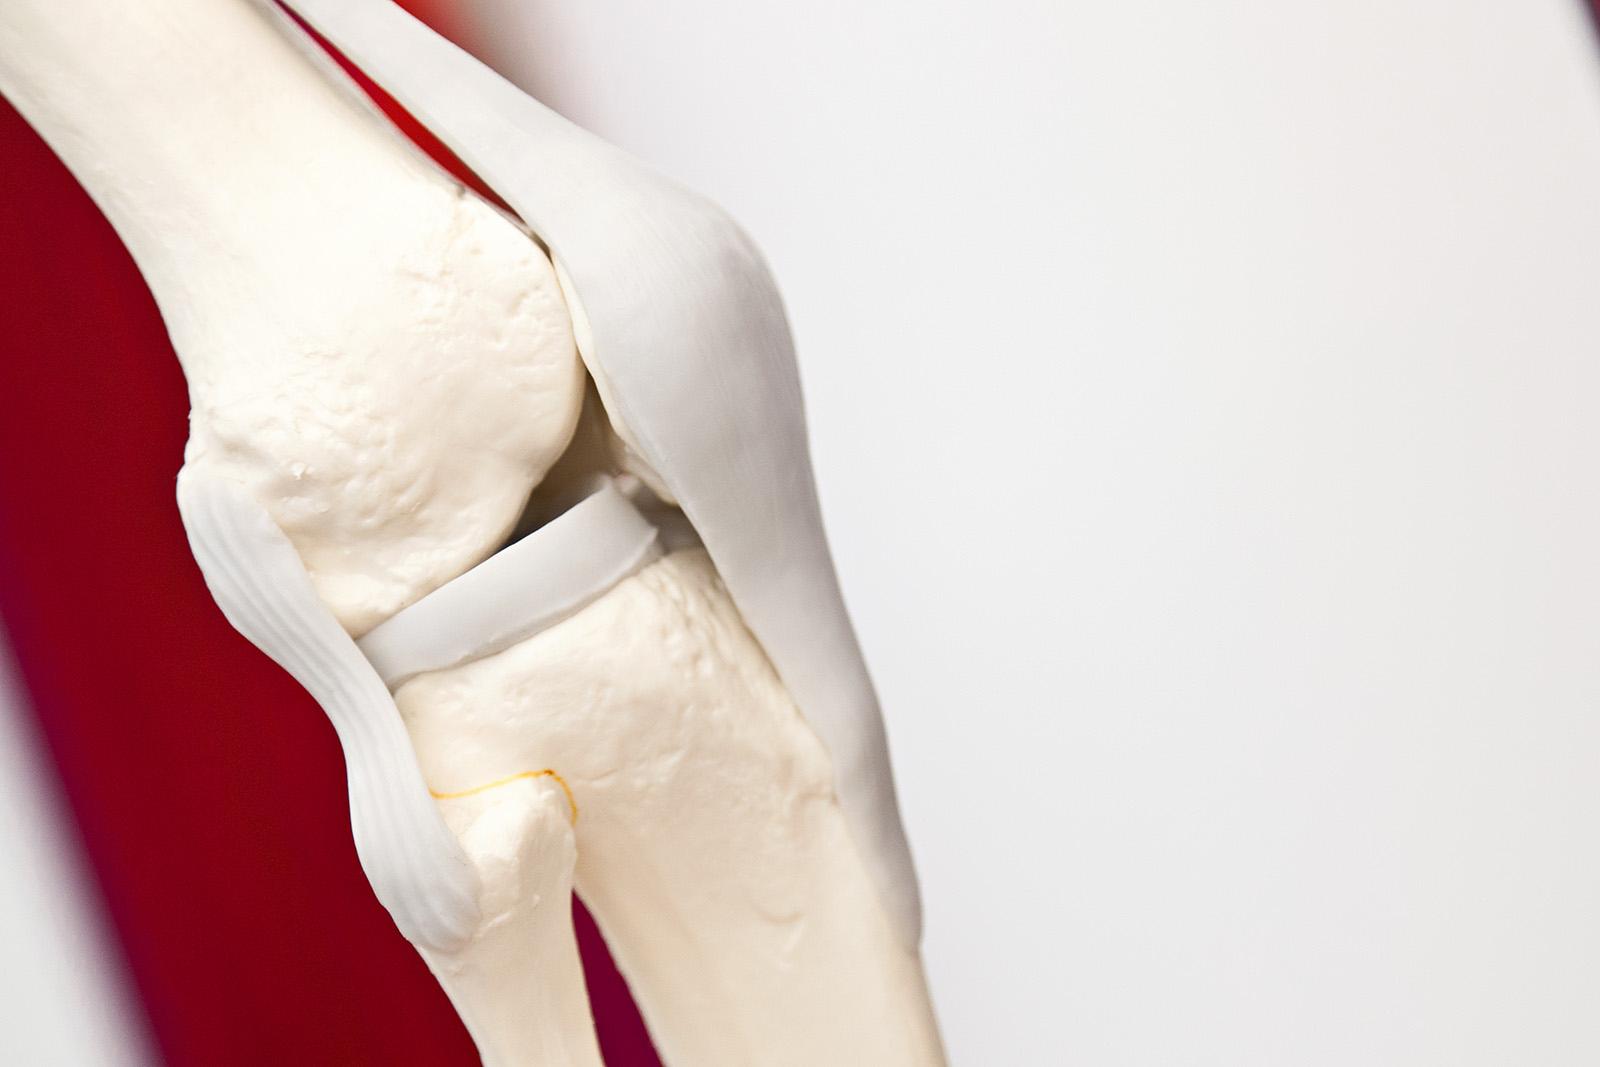 Fuß-& Handchirurgie - Praxis für Orthopädie, Unfallchirurgie und ...